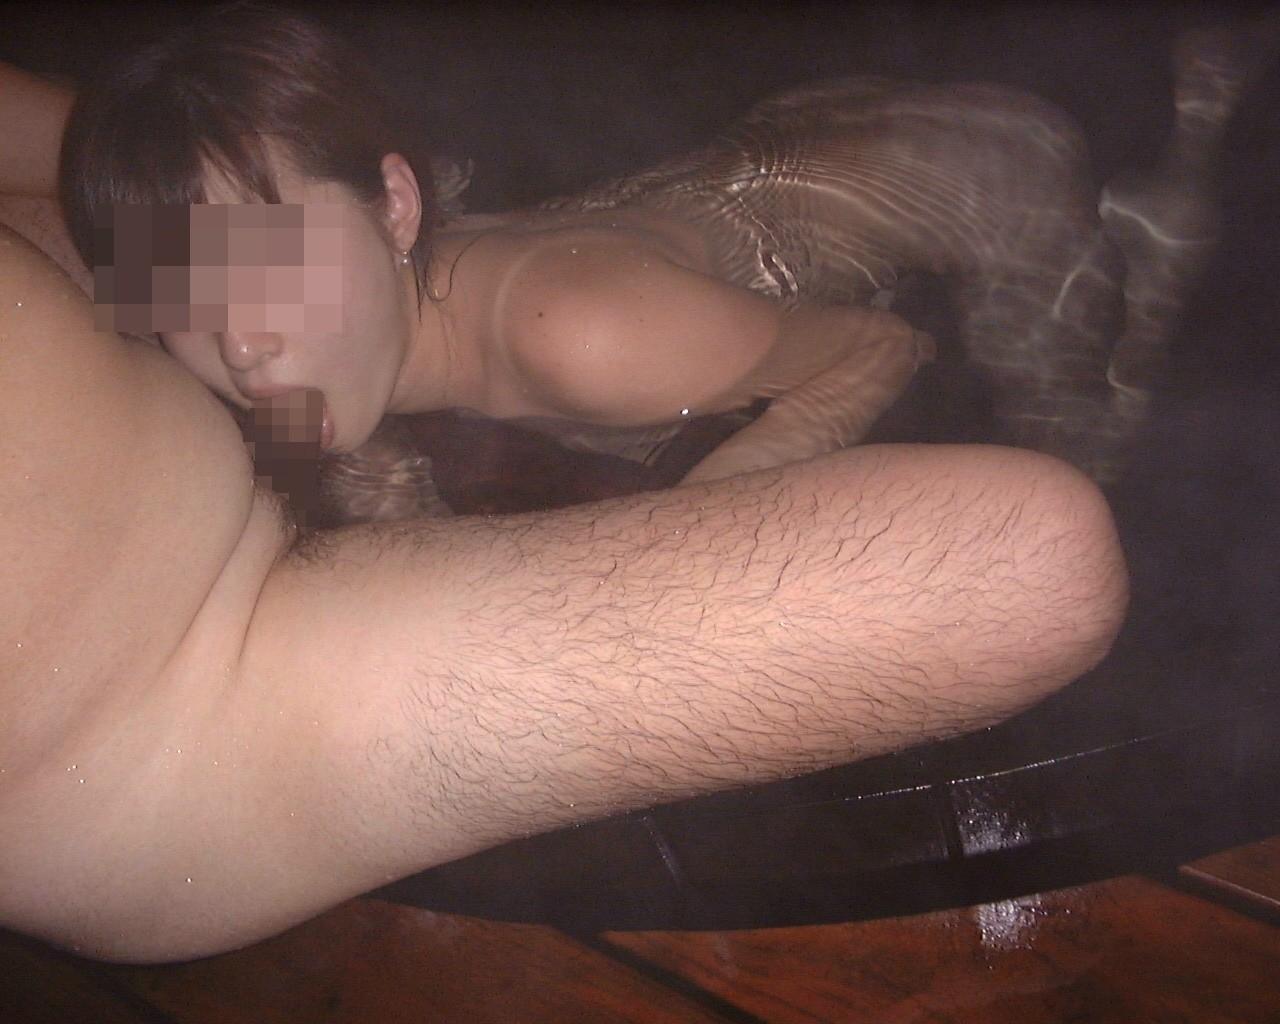 【エロ画像】露天風呂や混浴でソープランド気分味わってるシロウトカップルが裏山すぎる件wwwwwwwwwwwwwww(リベンジポルノ画像あり)